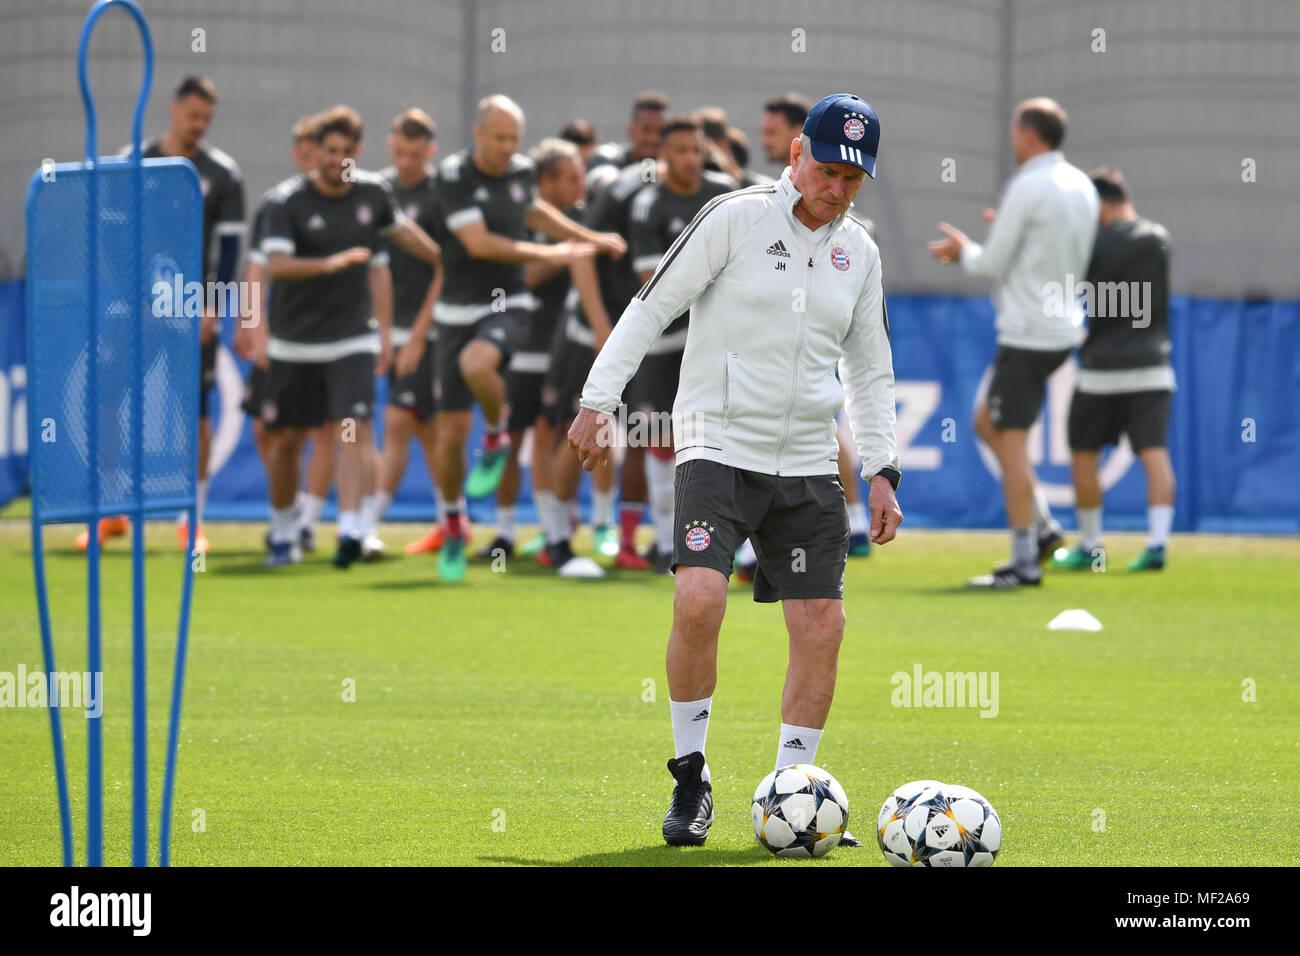 Jupp Heynckes Trainer Bayern Munchen Im Hintergrund